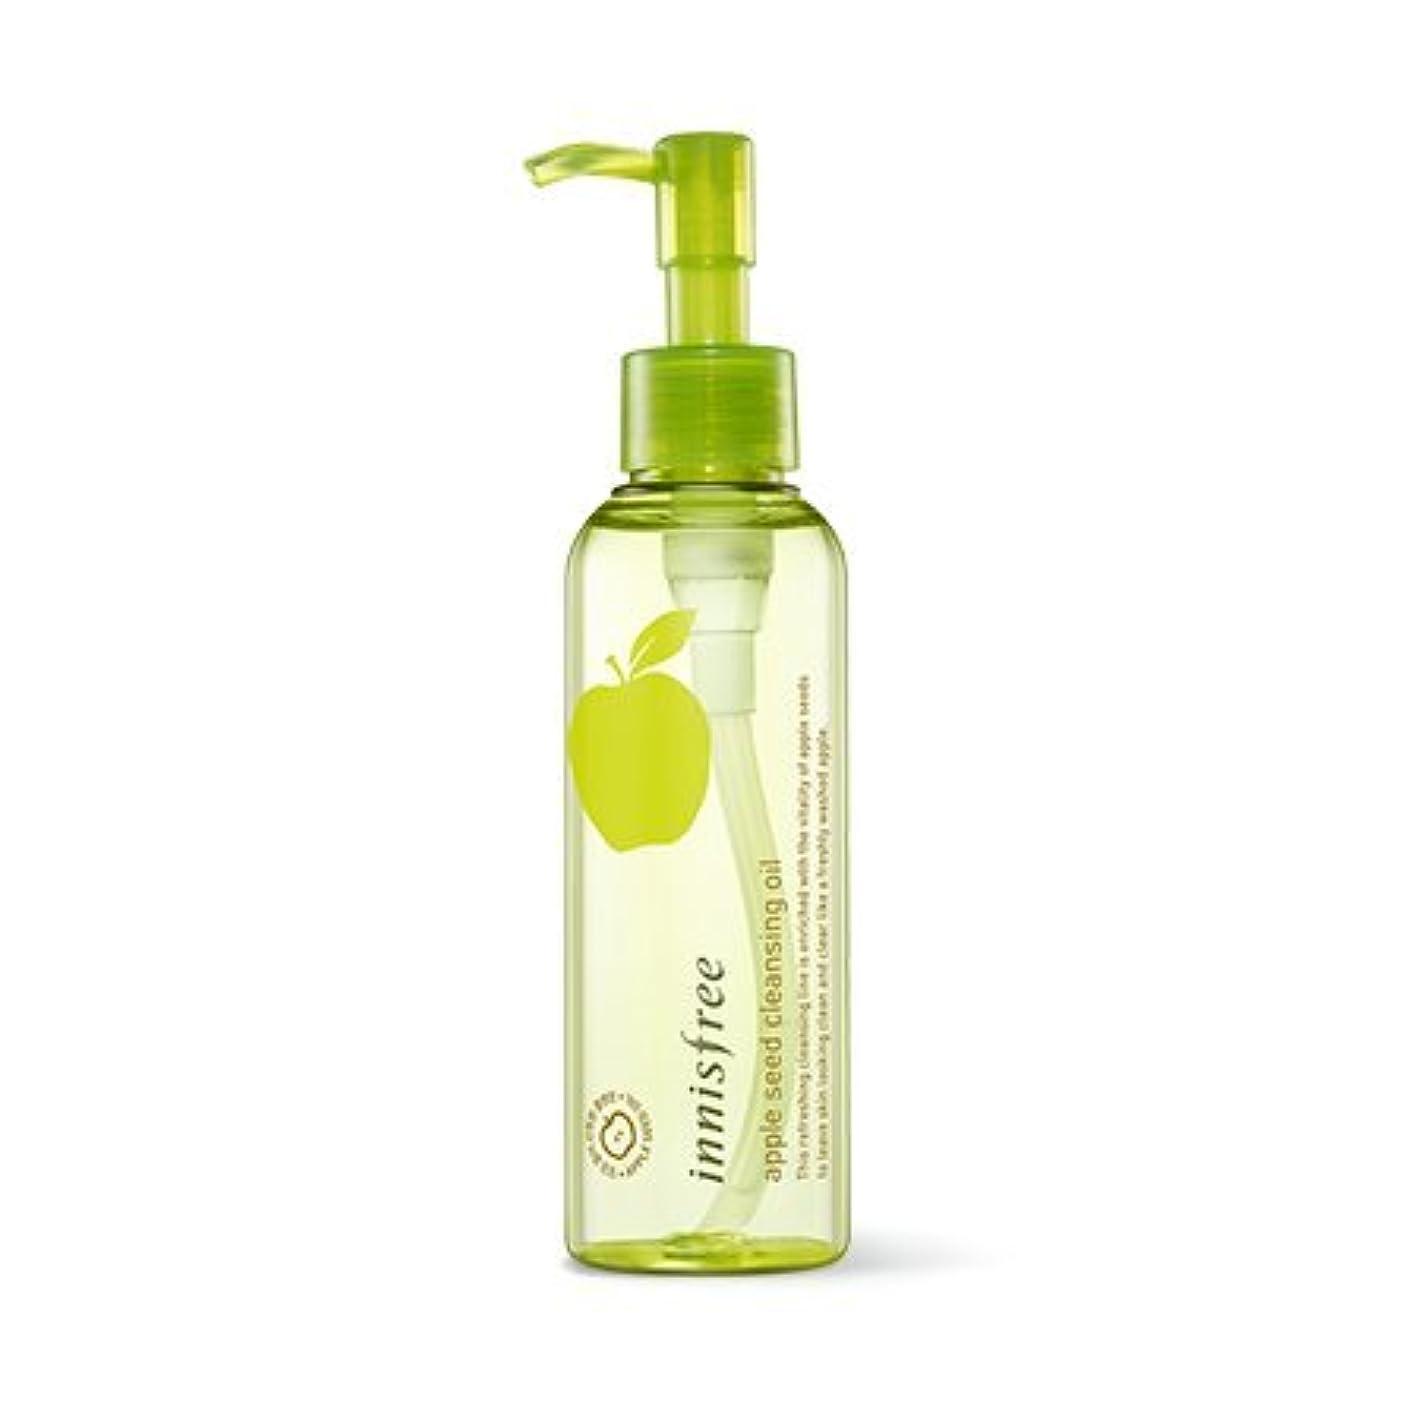 追い払う役に立つ火曜日[New] innisfree Apple Seed Cleansing Oil 150ml/イニスフリー アップル シード クレンジング オイル 150ml